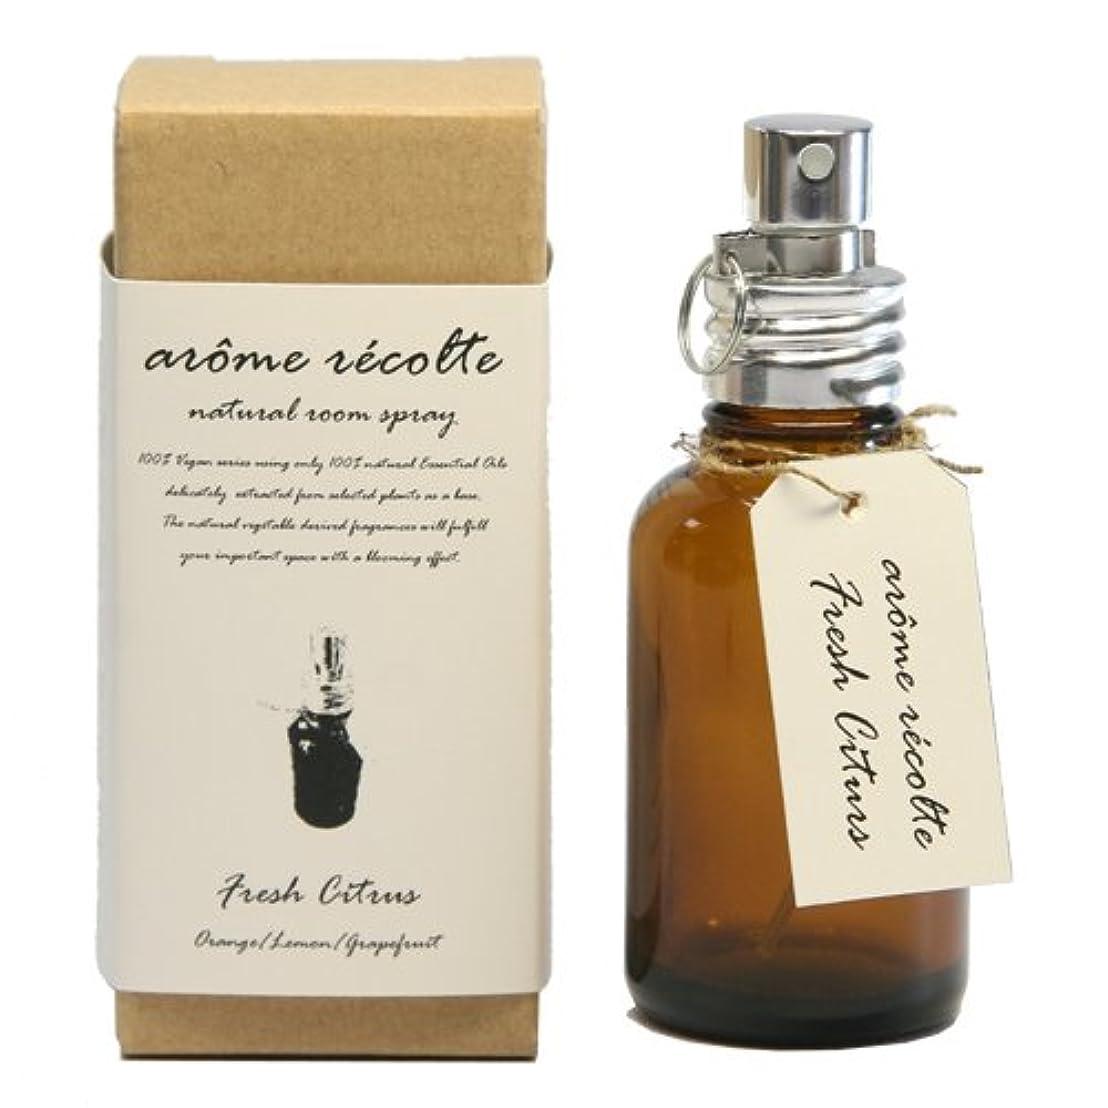 必需品タッチシェアアロマレコルト ナチュラルルームスプレー  フレッシュシトラス【Fresh Citurs】 arome rcolte